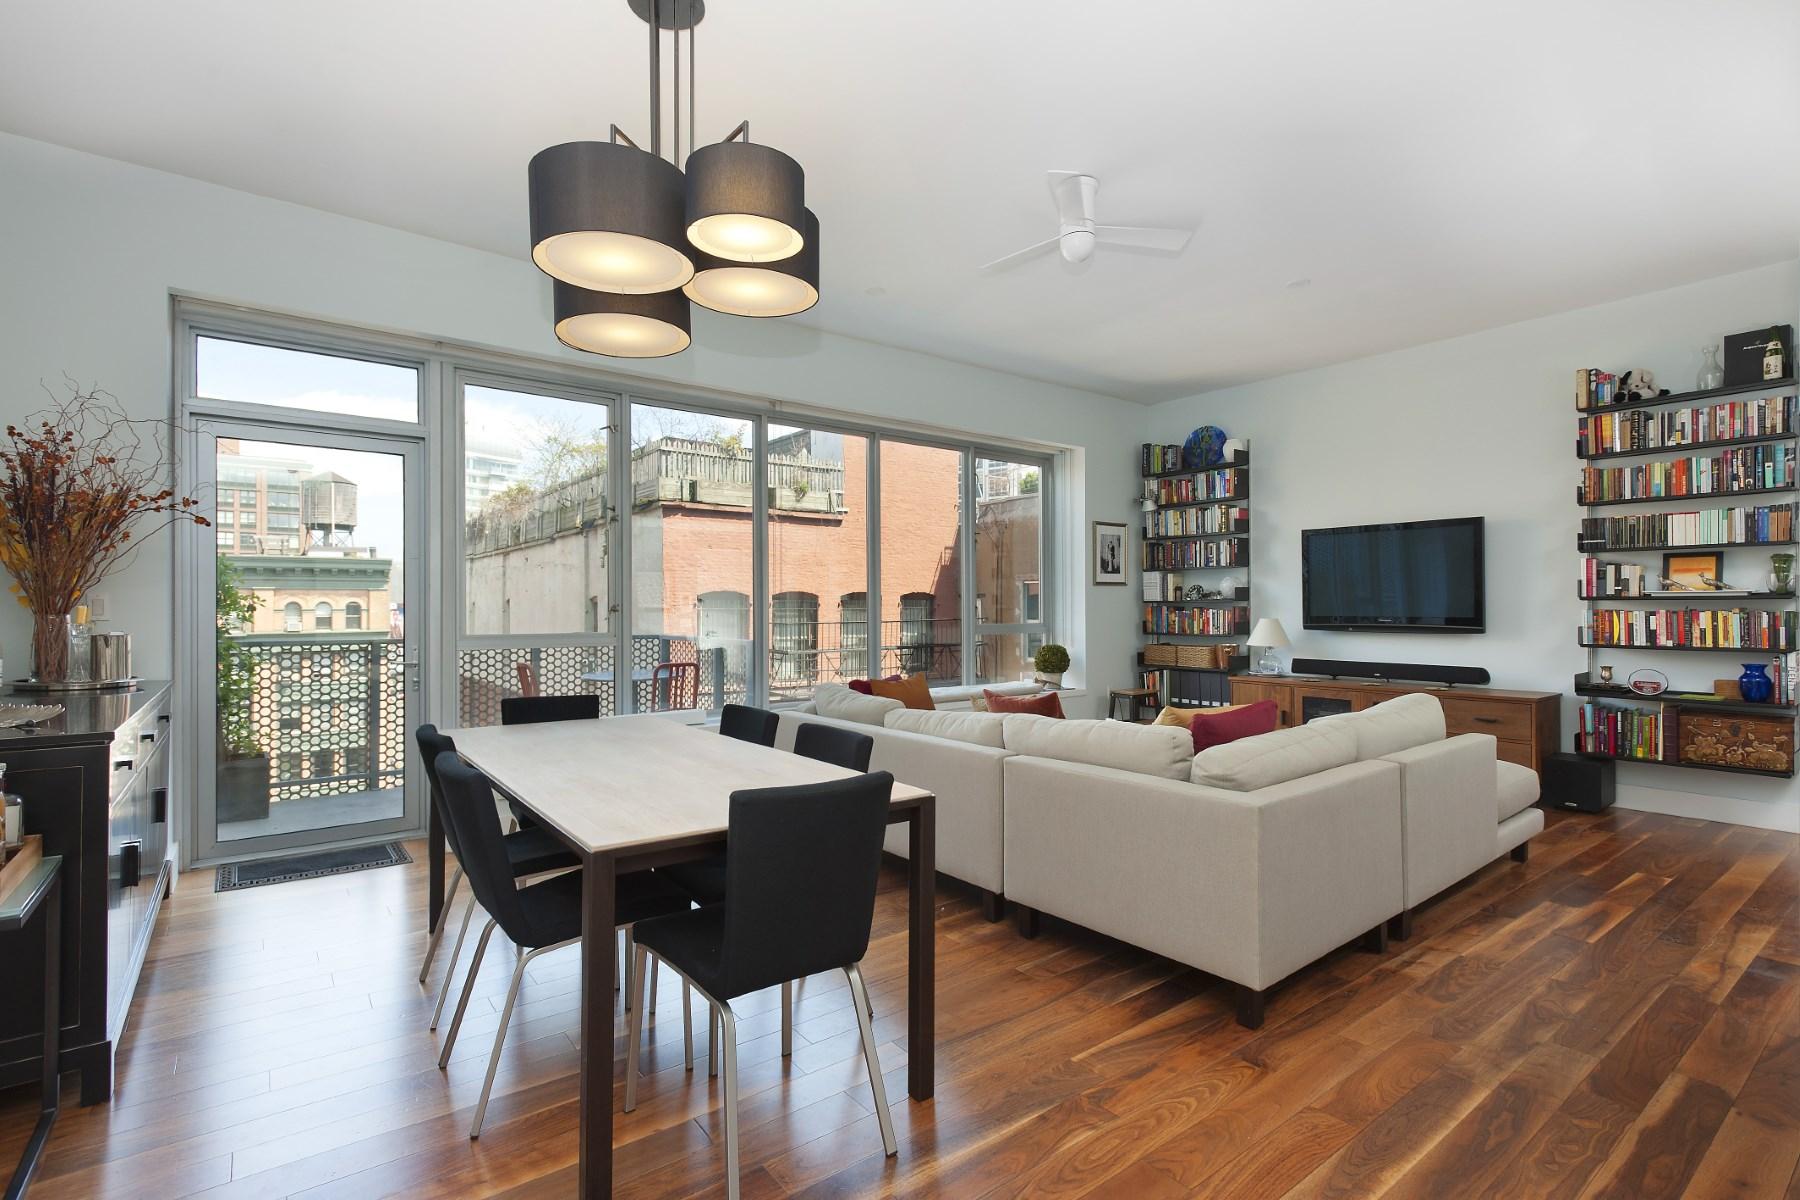 Кооперативная квартира для того Продажа на 48 Bond Street, 8B 48 Bond Street Apt 8b Noho, New York, Нью-Йорк 10012 Соединенные Штаты